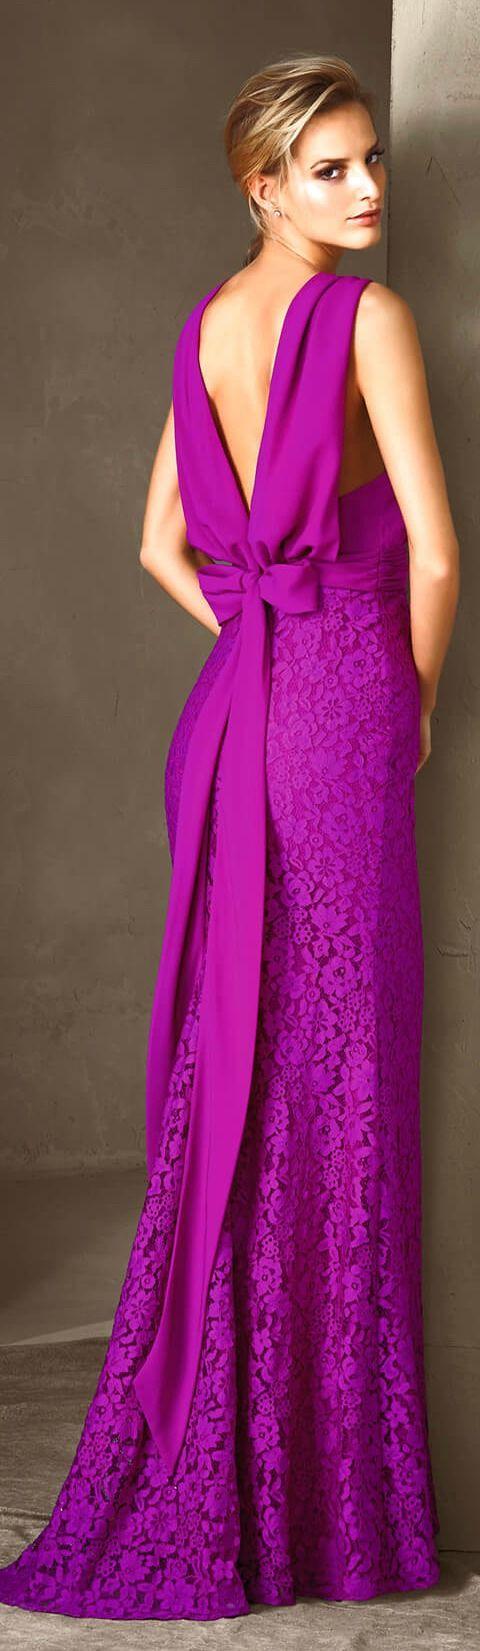 Increíble Vestidos De Dama De Jacksonville Fl Inspiración - Vestido ...